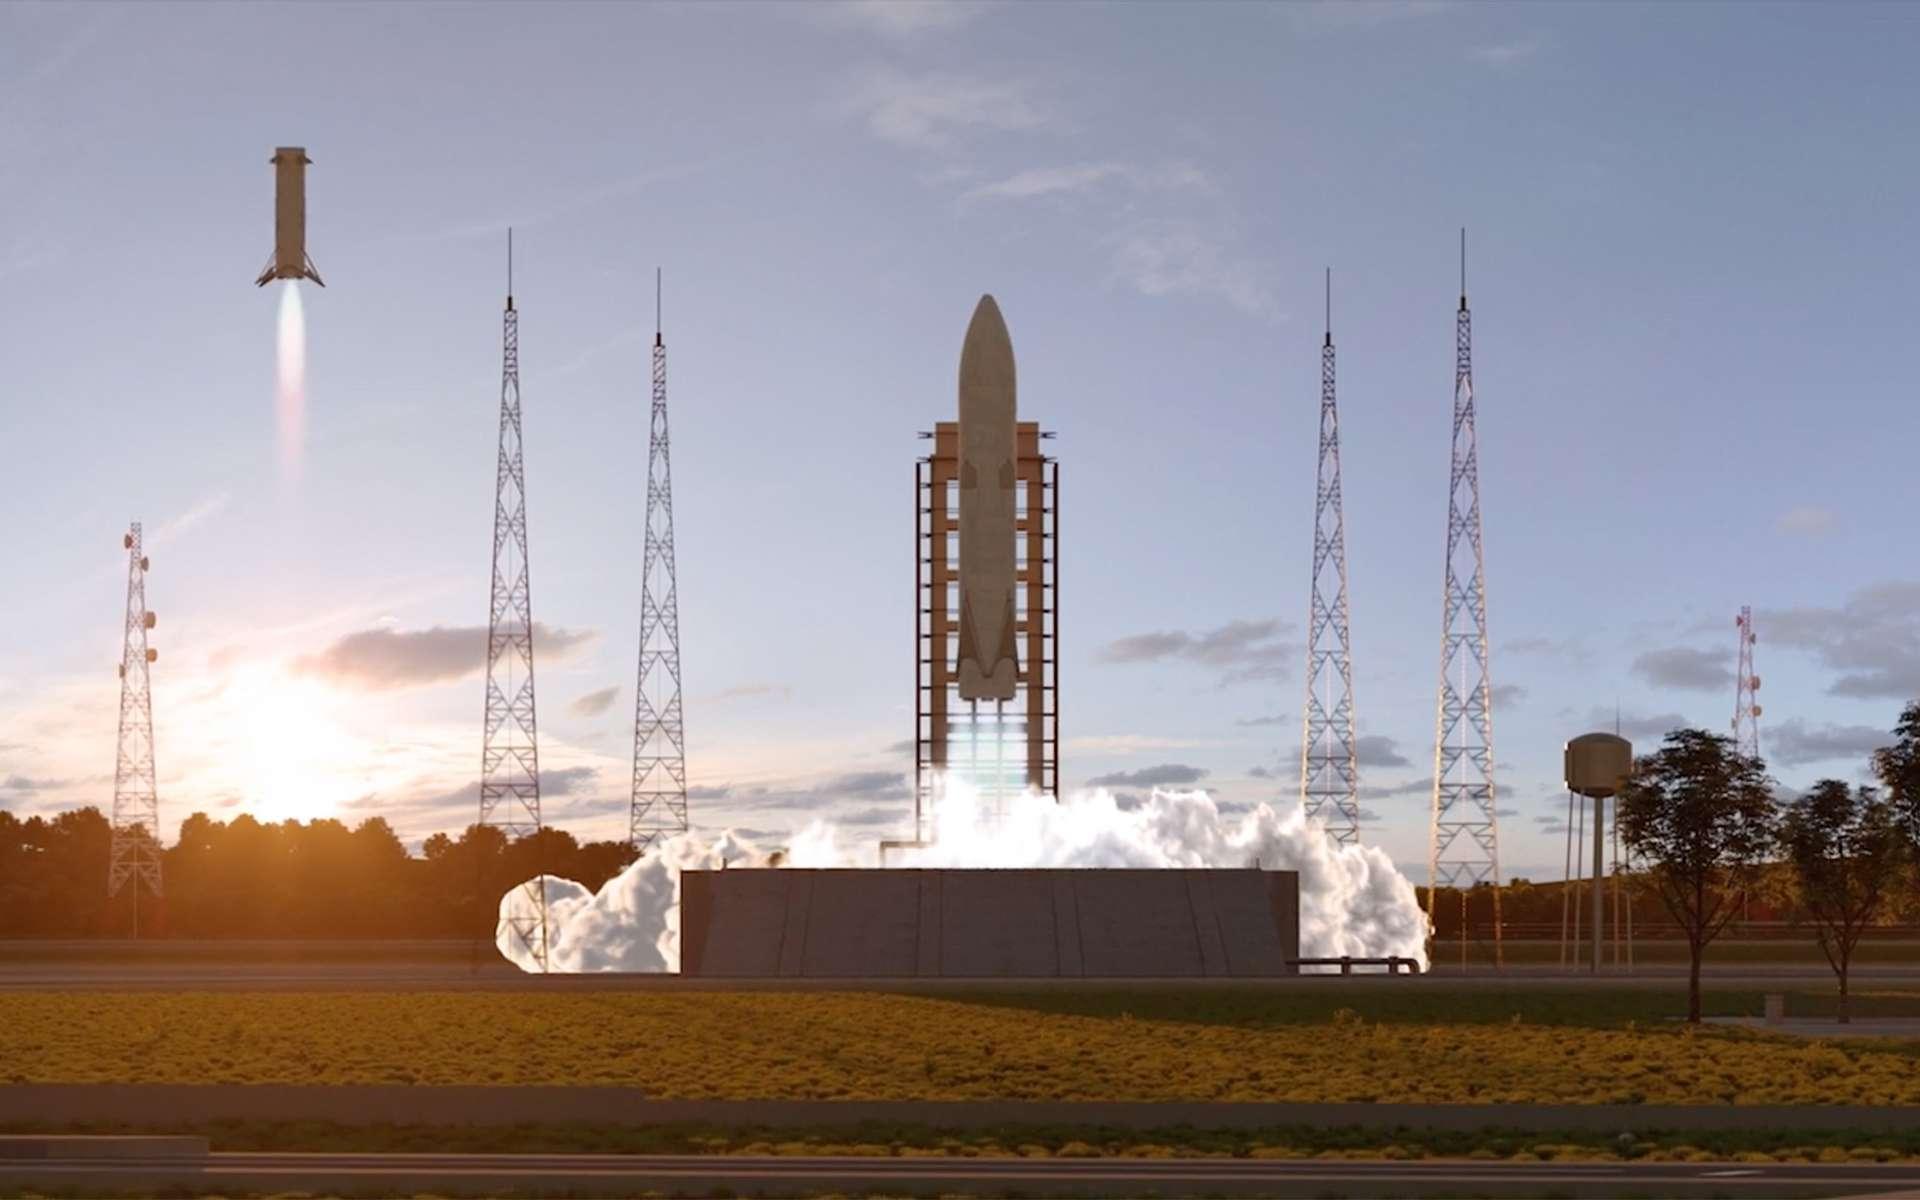 Concept d'étage réutilisable, Themis à l'étude dans le cadre de la préparation des futures générations de lanceurs européens qui succéderont à l'actuelle famille Ariane 6. © ArianeGroup, Cnes